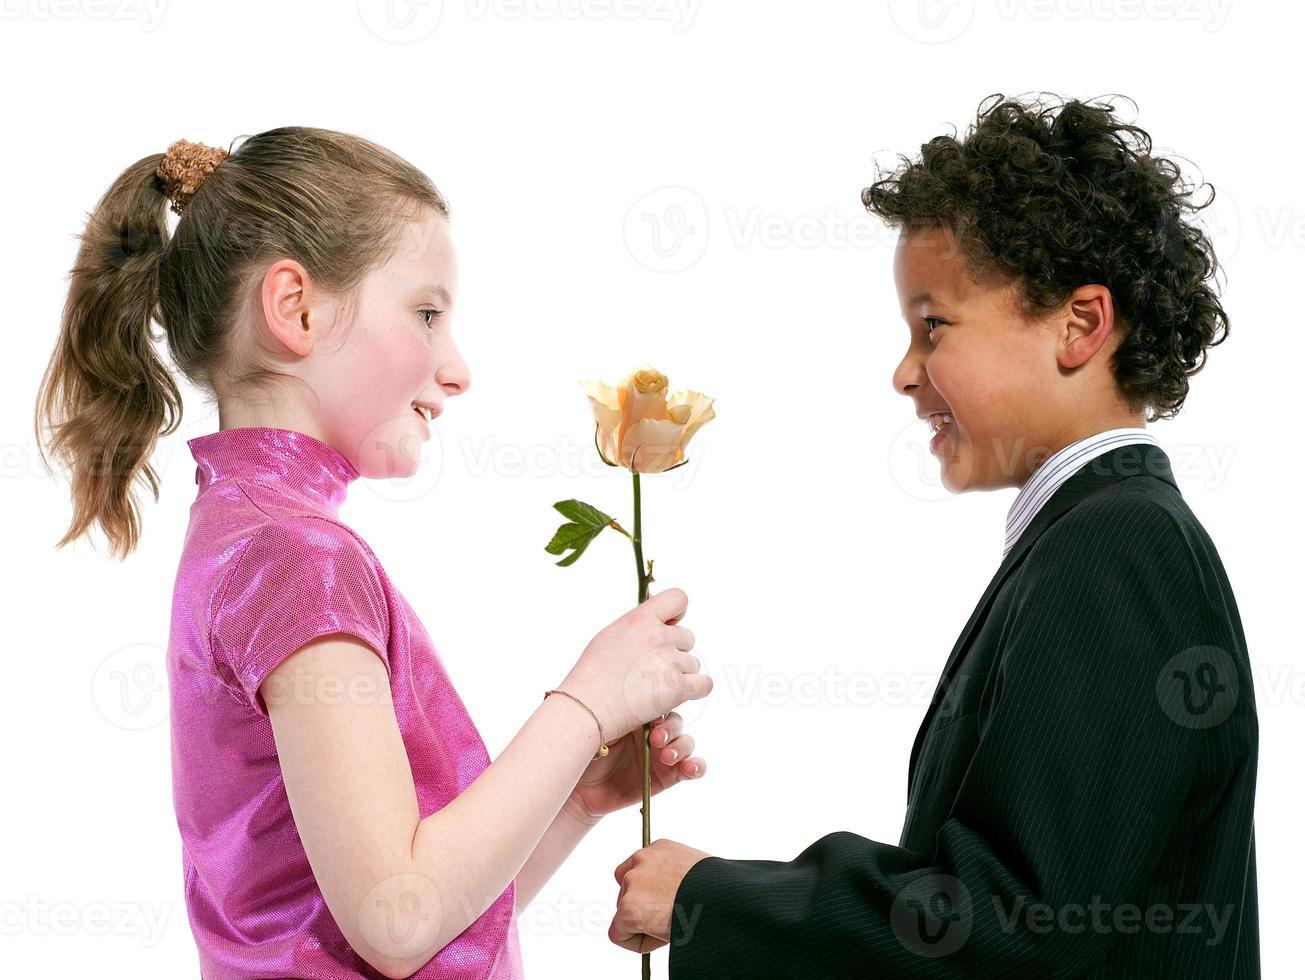 casal interracial ri juntos isolado no fundo branco foto